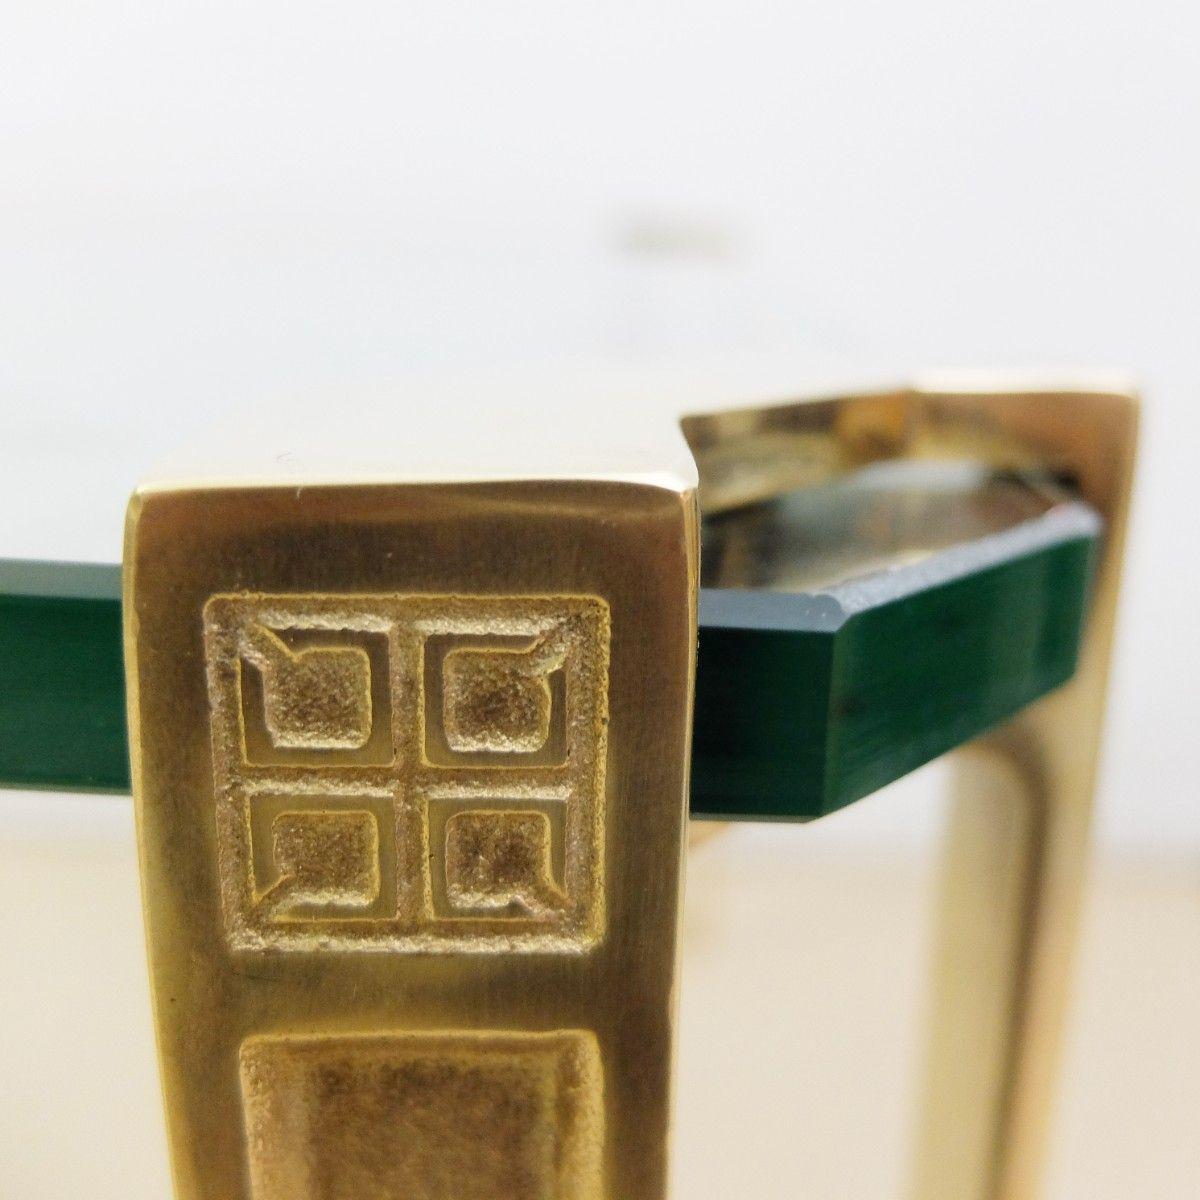 glas messing couchtisch von peter ghyczy 1970er bei pamono kaufen. Black Bedroom Furniture Sets. Home Design Ideas